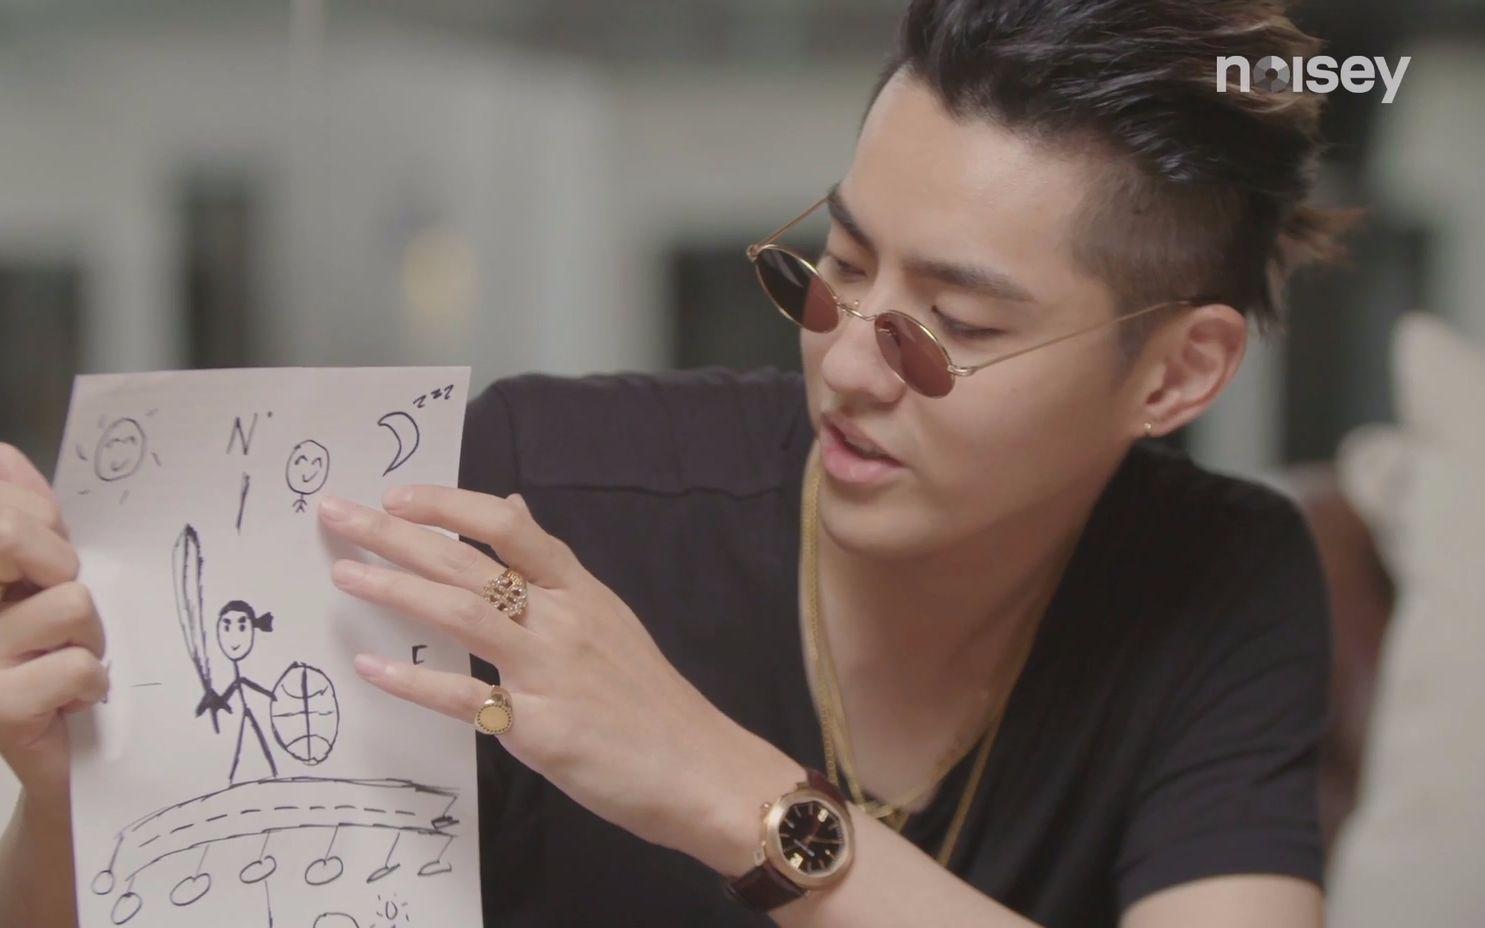 【吴亦凡】171019 Noisey Self Portraits with Kris Wu (Vice Video)